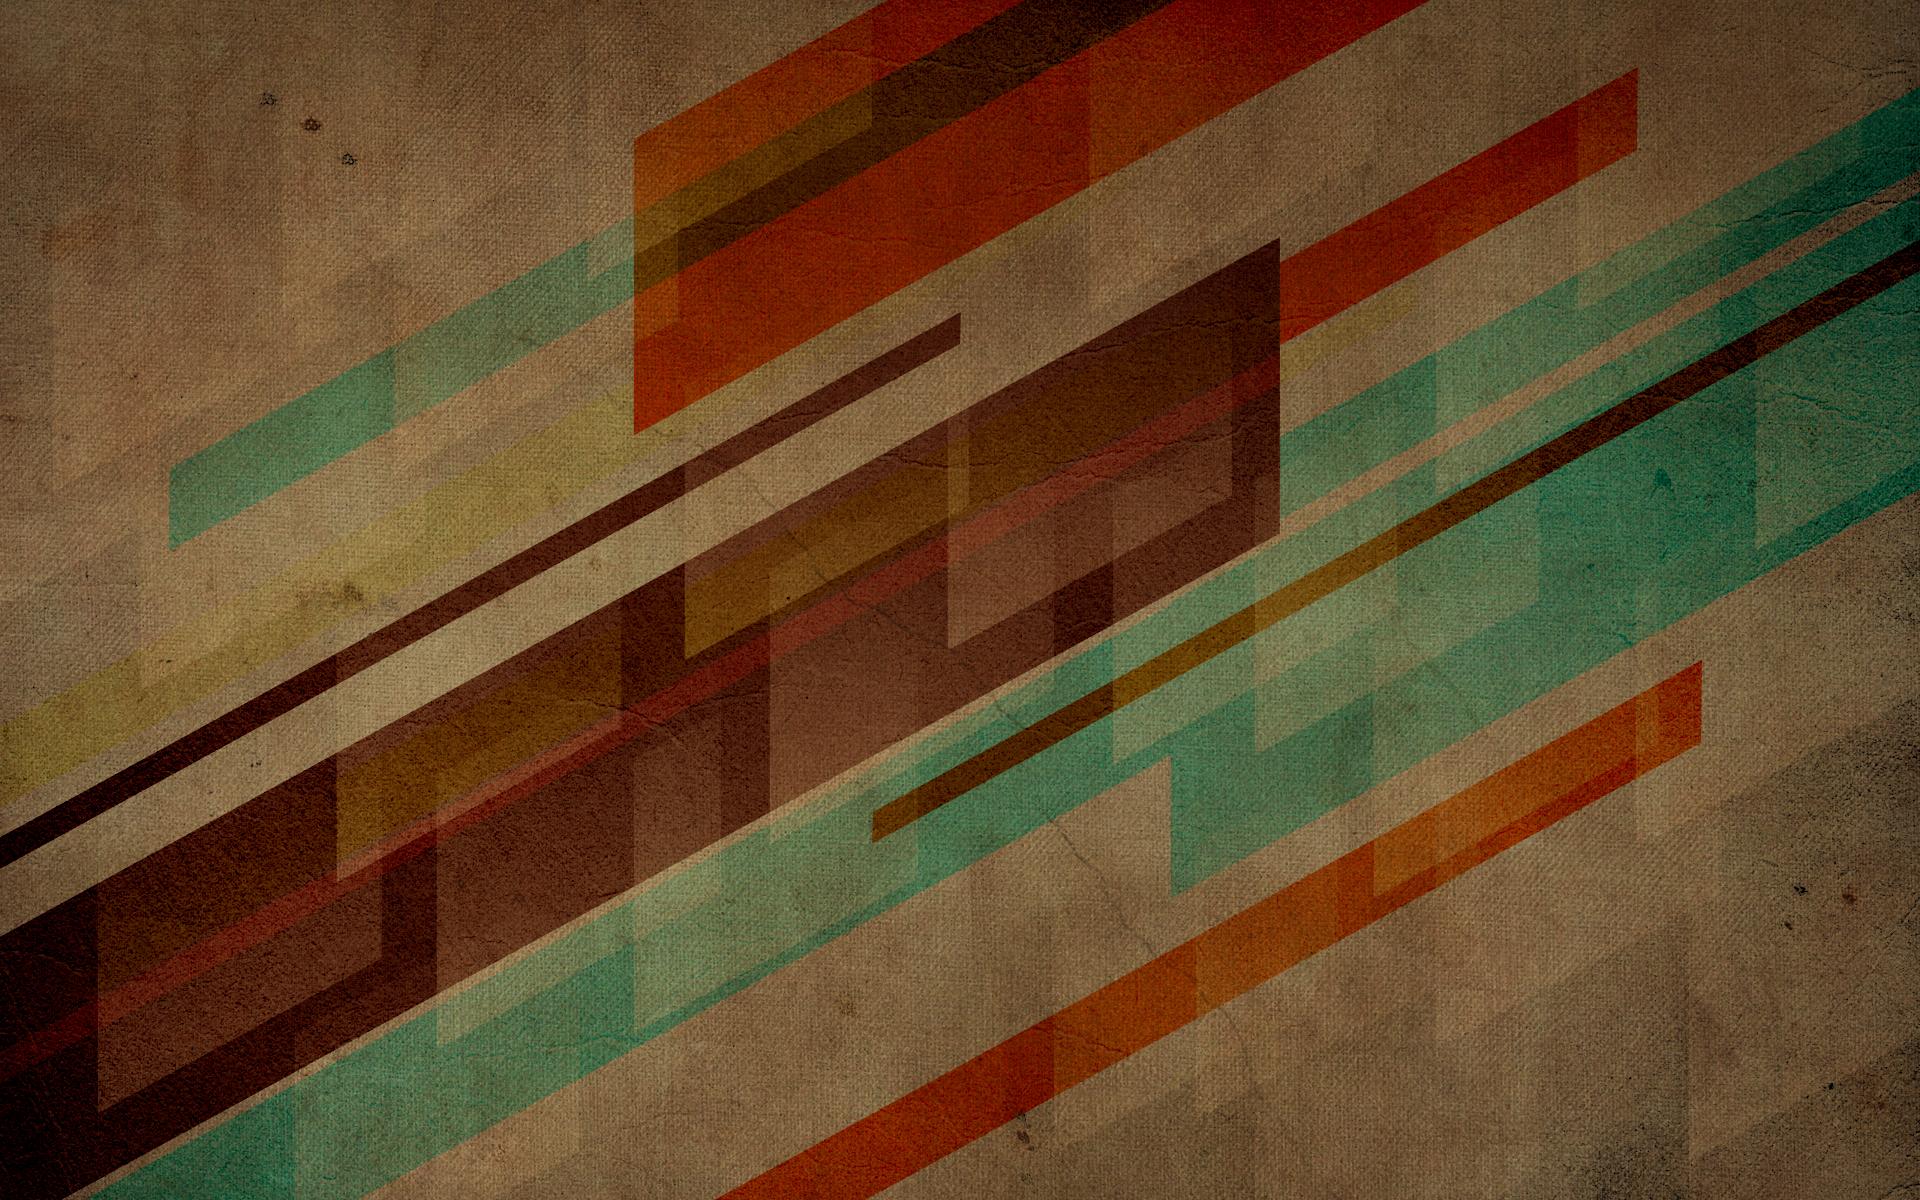 destiny wallpaper 900x480